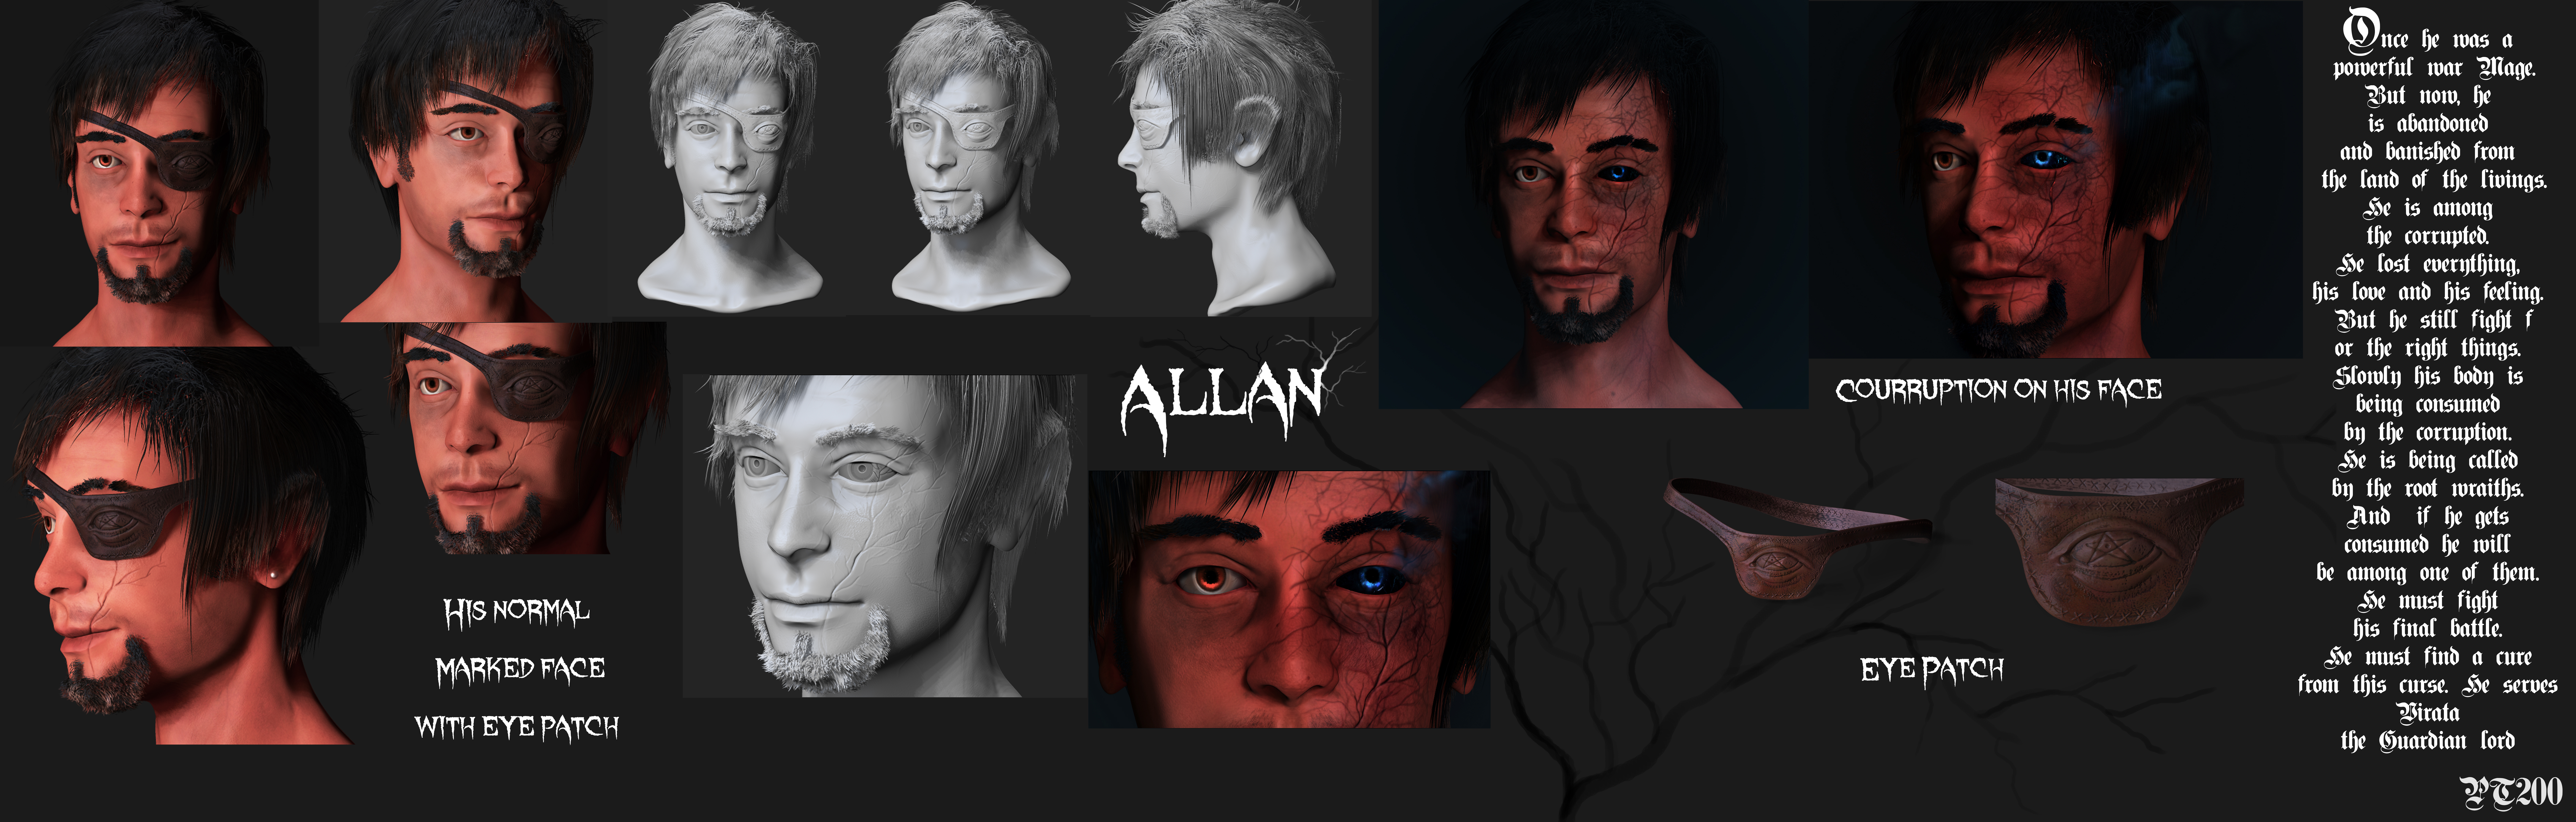 Allan by PT200